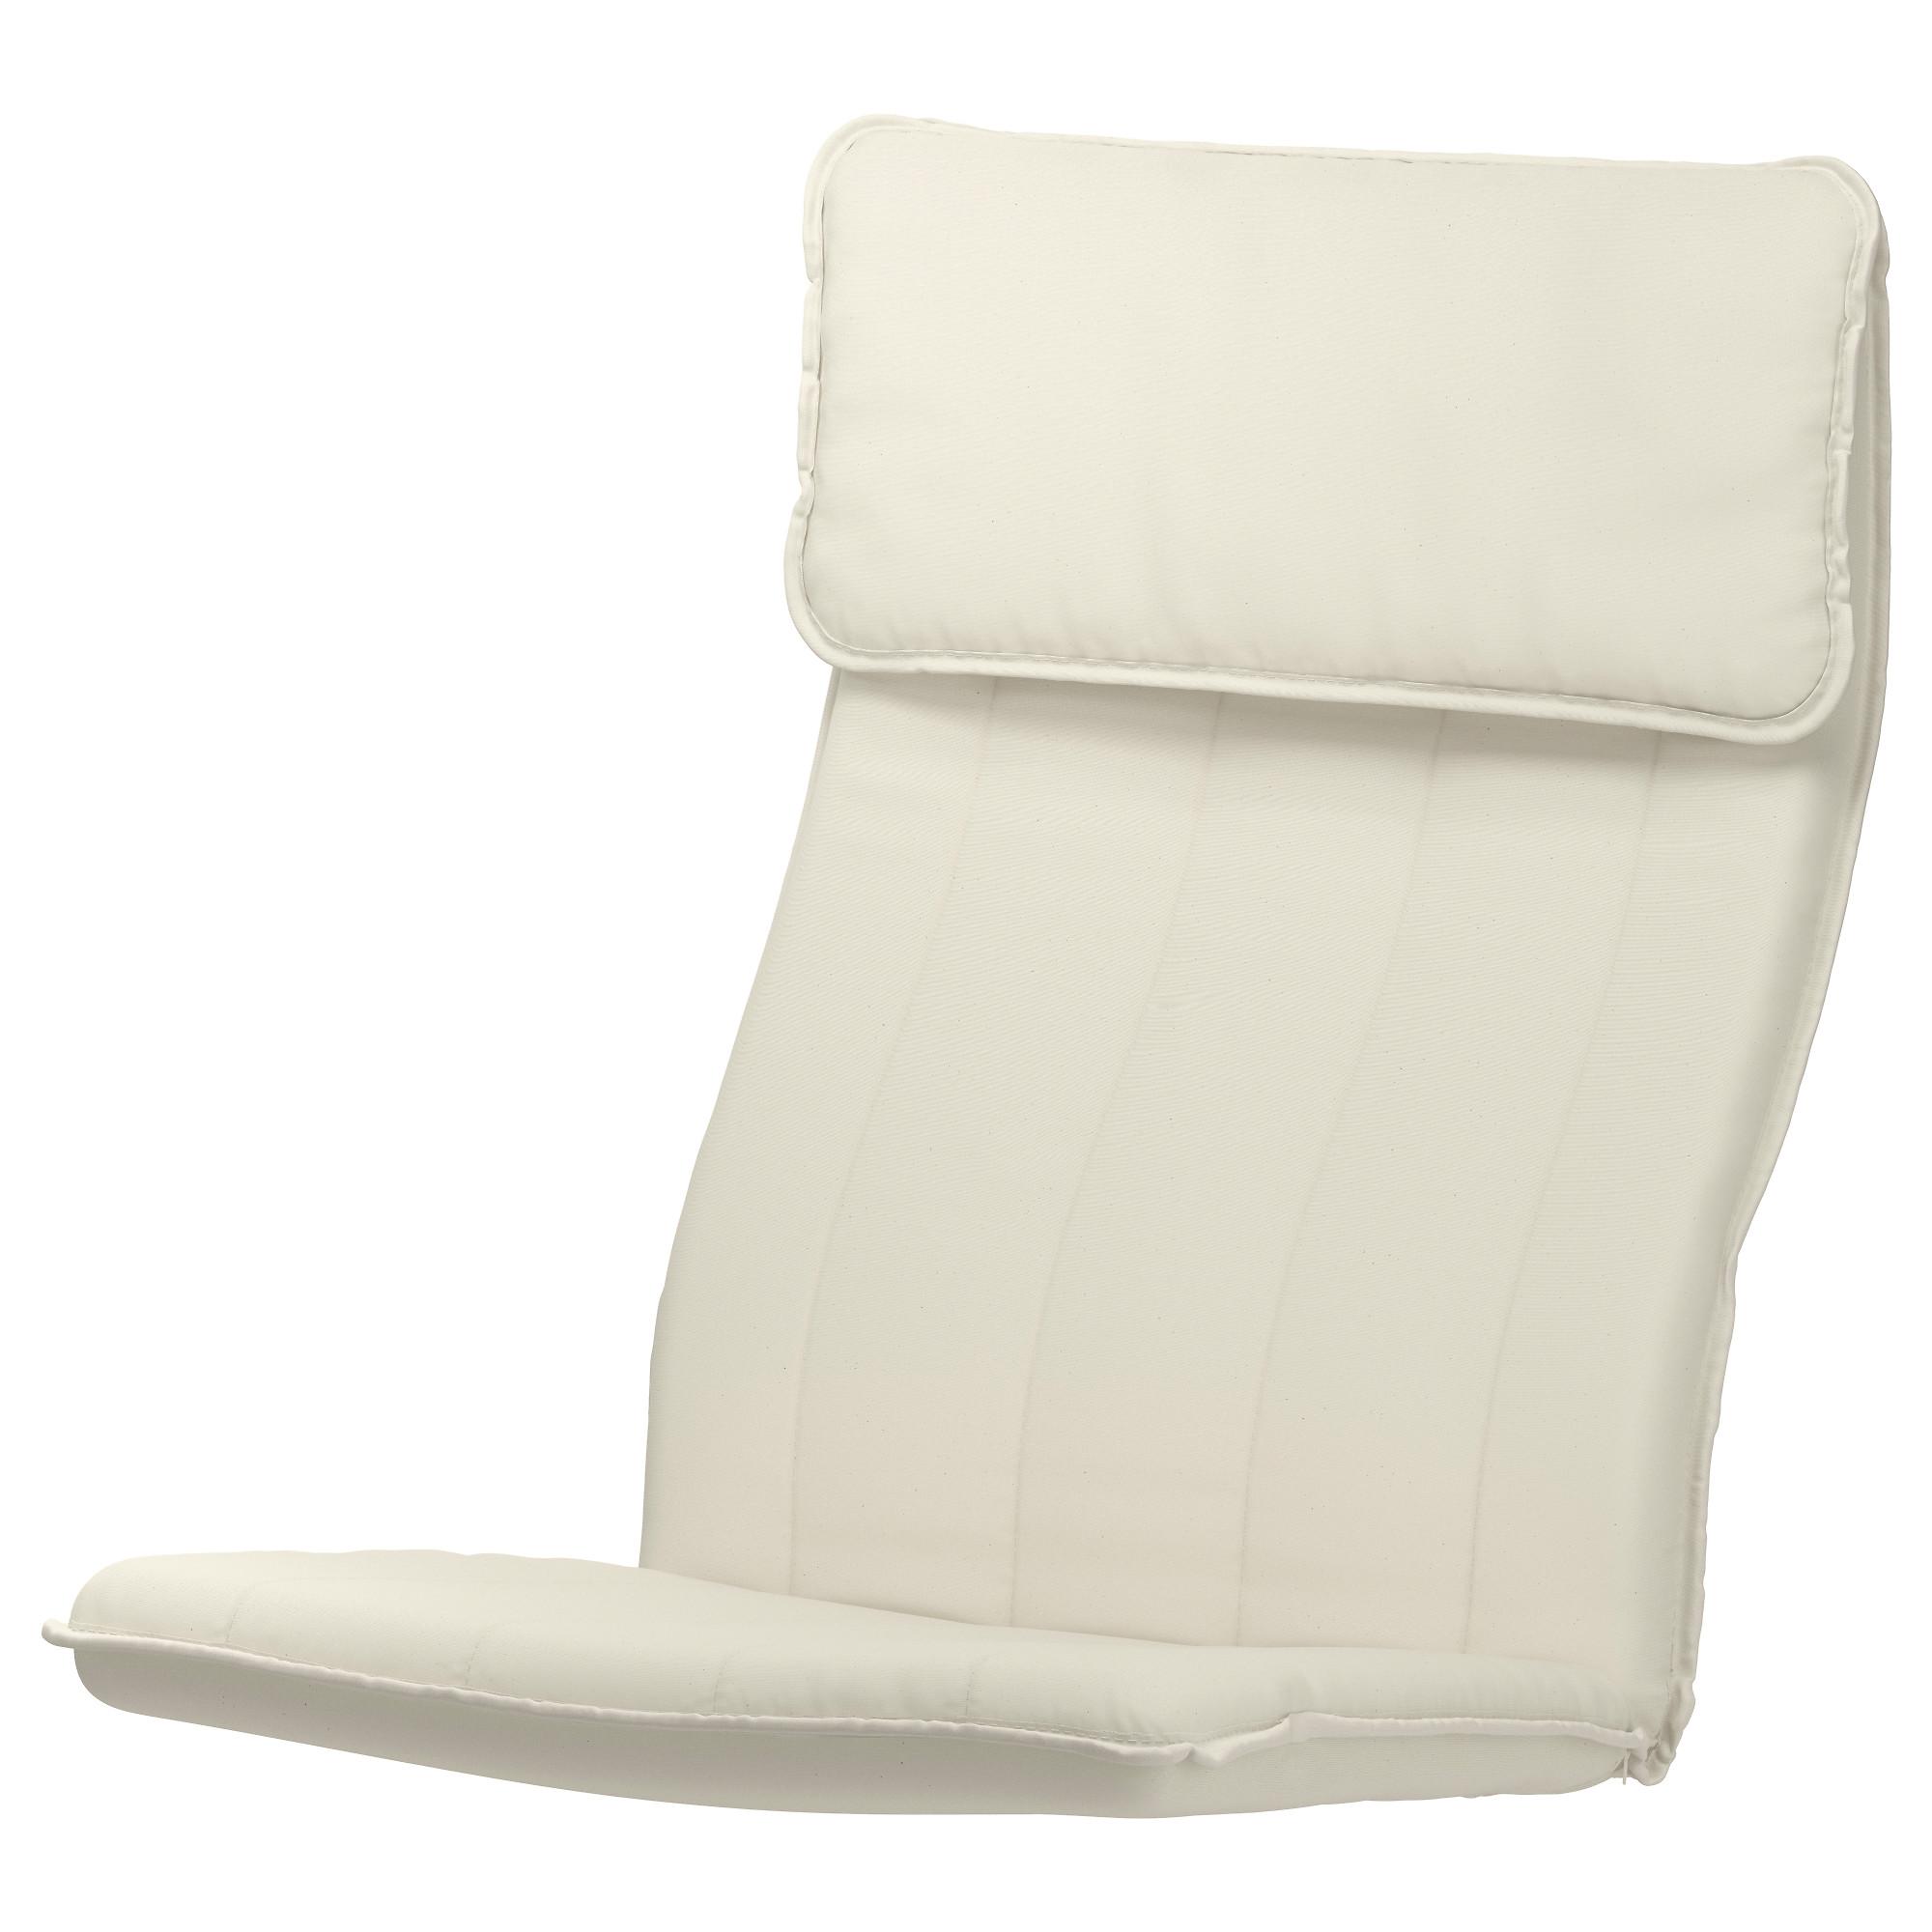 чехол для кресла поэнг своими руками